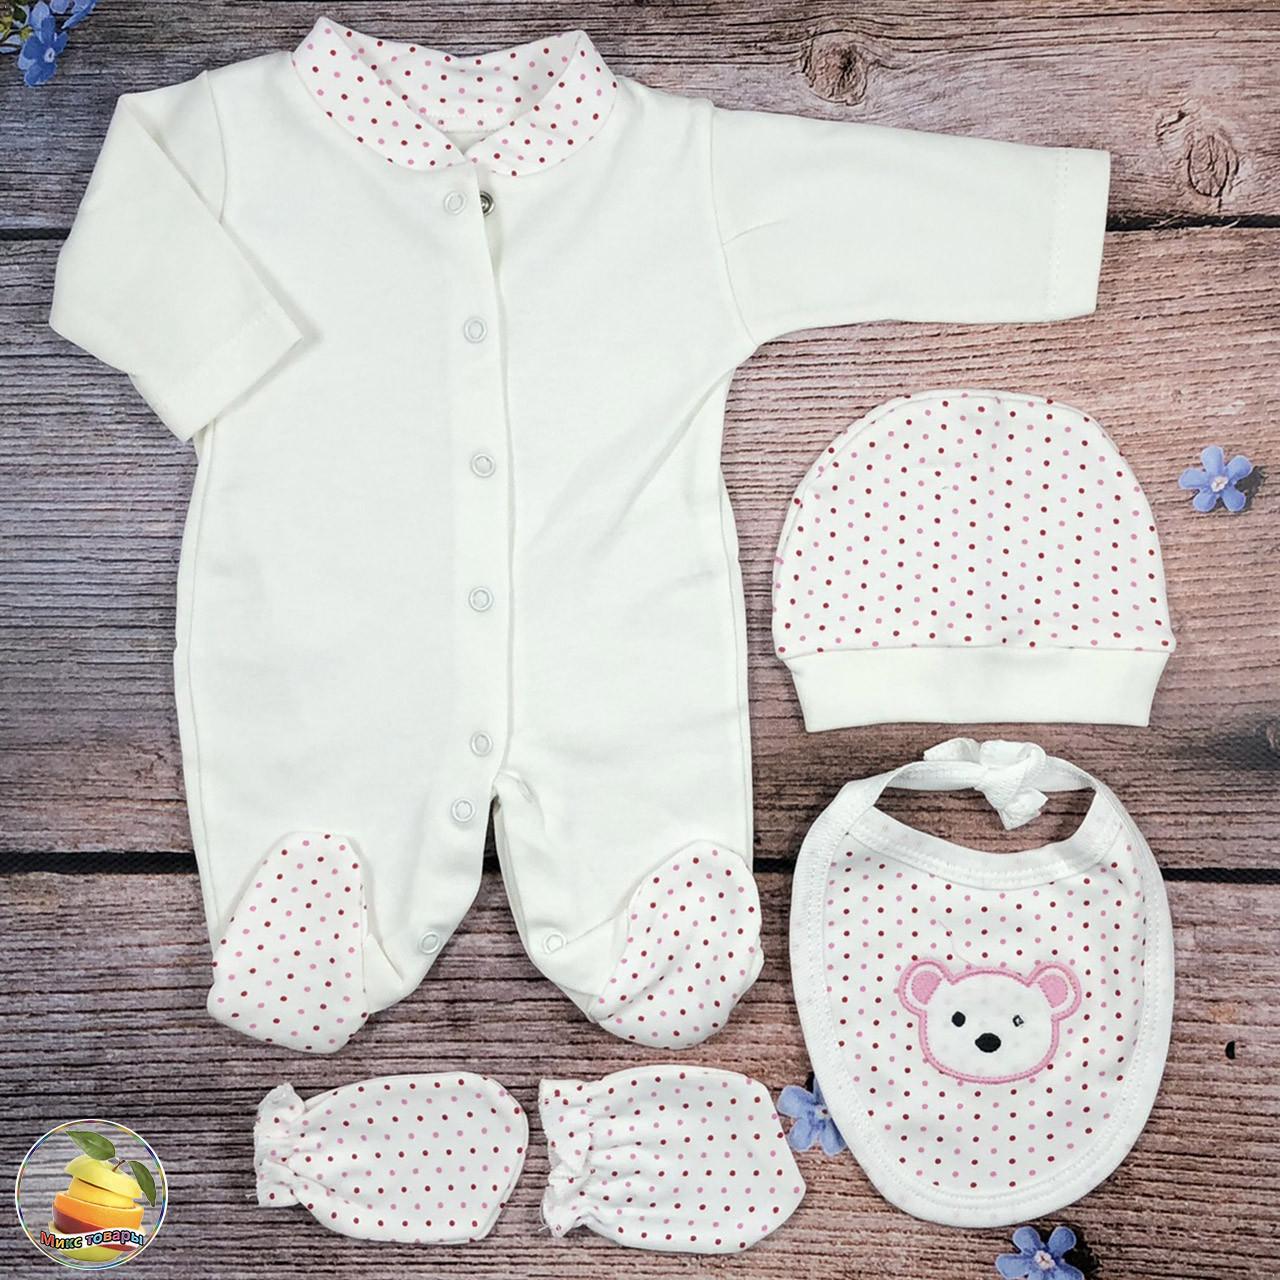 Комплект одягу для новонародженої дівчинки Зростання: 50 - 56 см (9322-4)